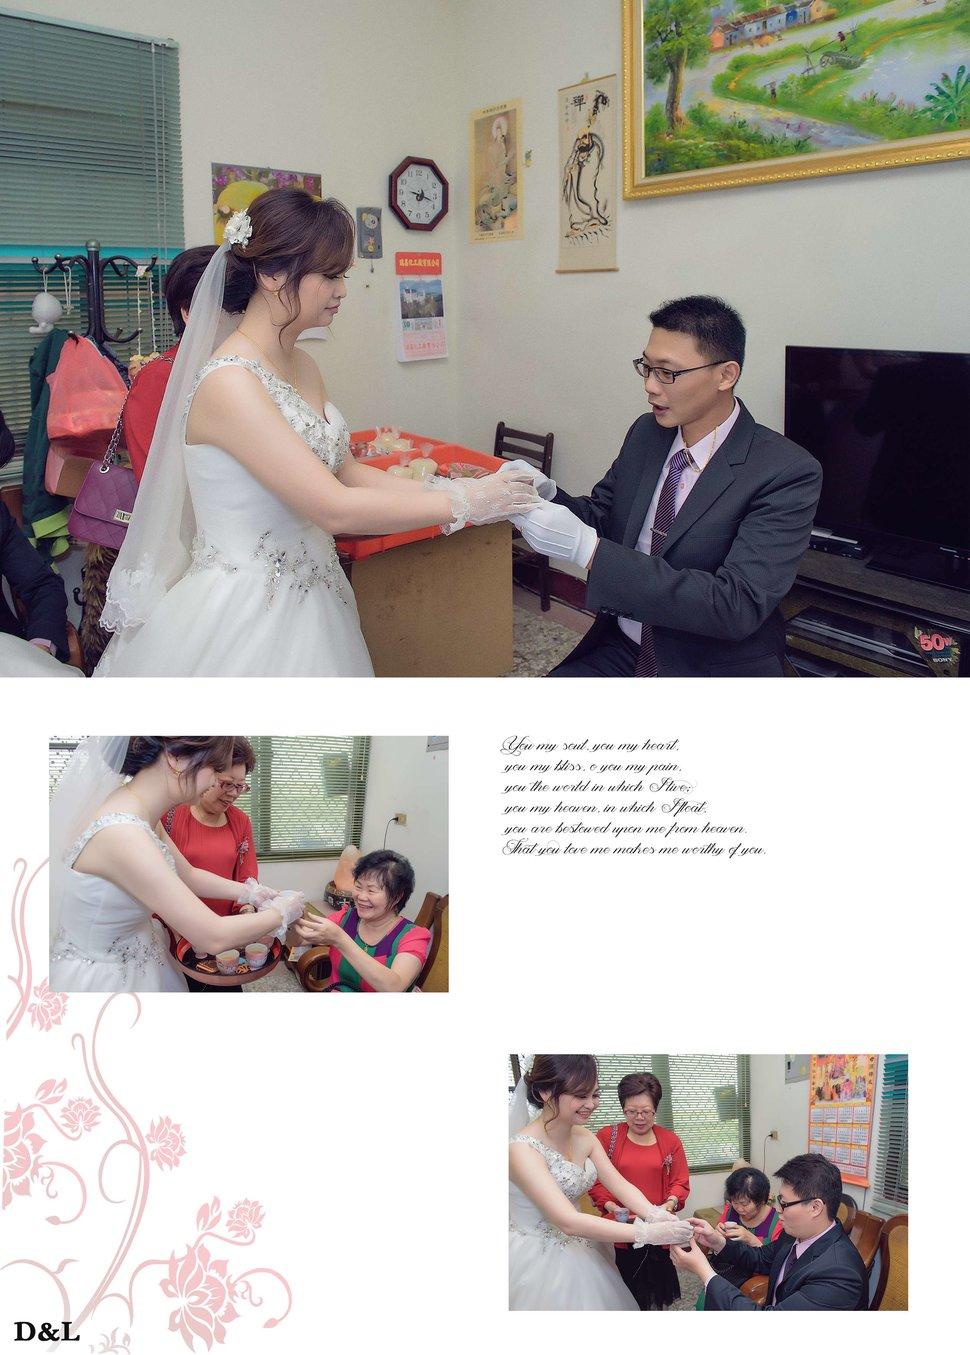 婚禮記錄 錦全&昀臻(編號:6098) - D&L 婚禮事務-婚紗攝影/婚禮記錄 - 結婚吧一站式婚禮服務平台